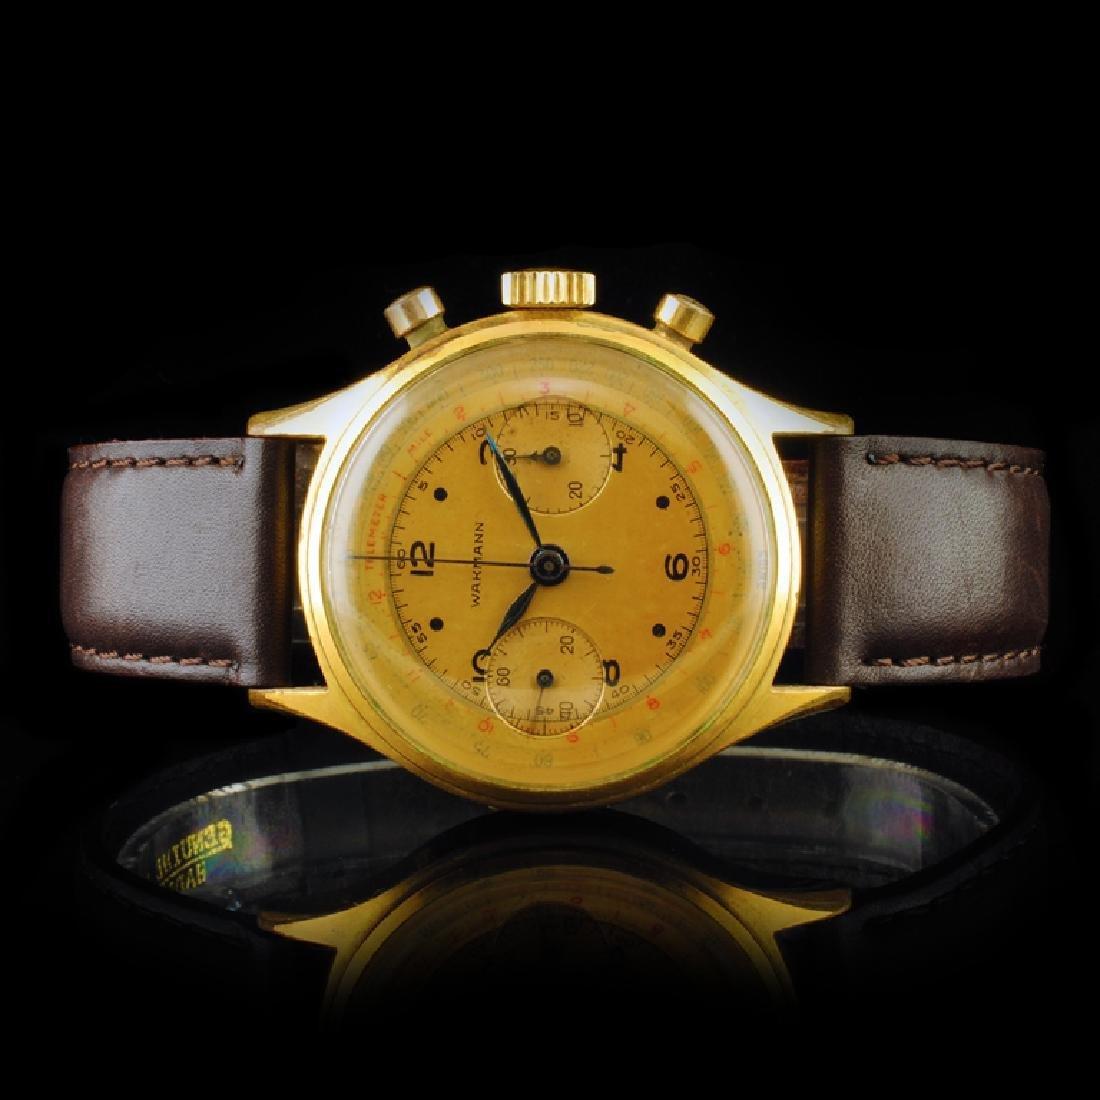 WAKMANN Swiss 36mm Chronograph Wristwatch